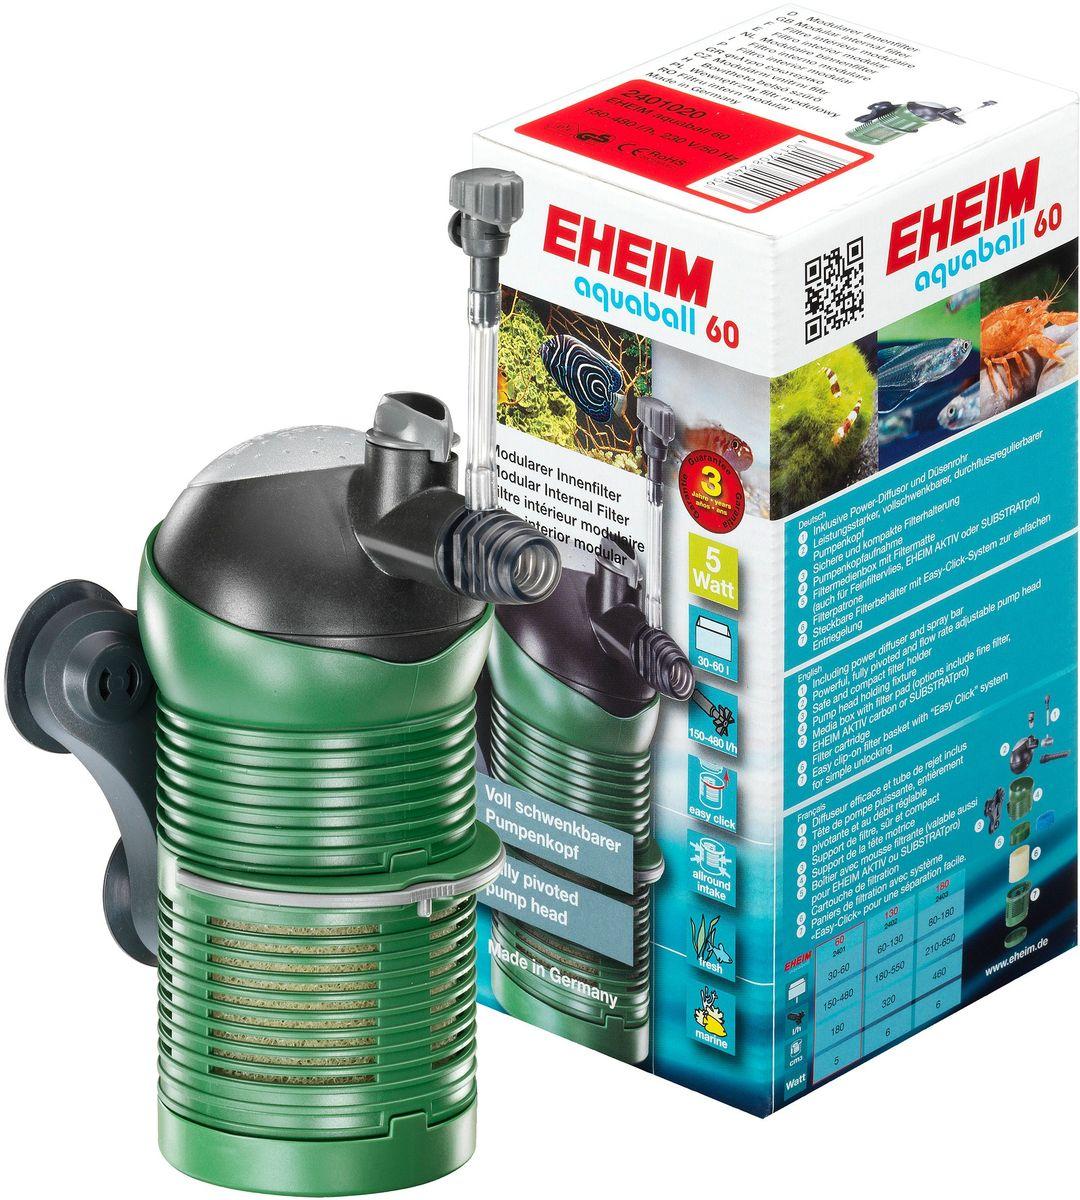 Фильтр внутренний Eheim Aquaball 602401020Снабжен поворотной головкой для регулировки направления потока воды. Всасывание воды со всех сторон для эффективного использования всего фильтра